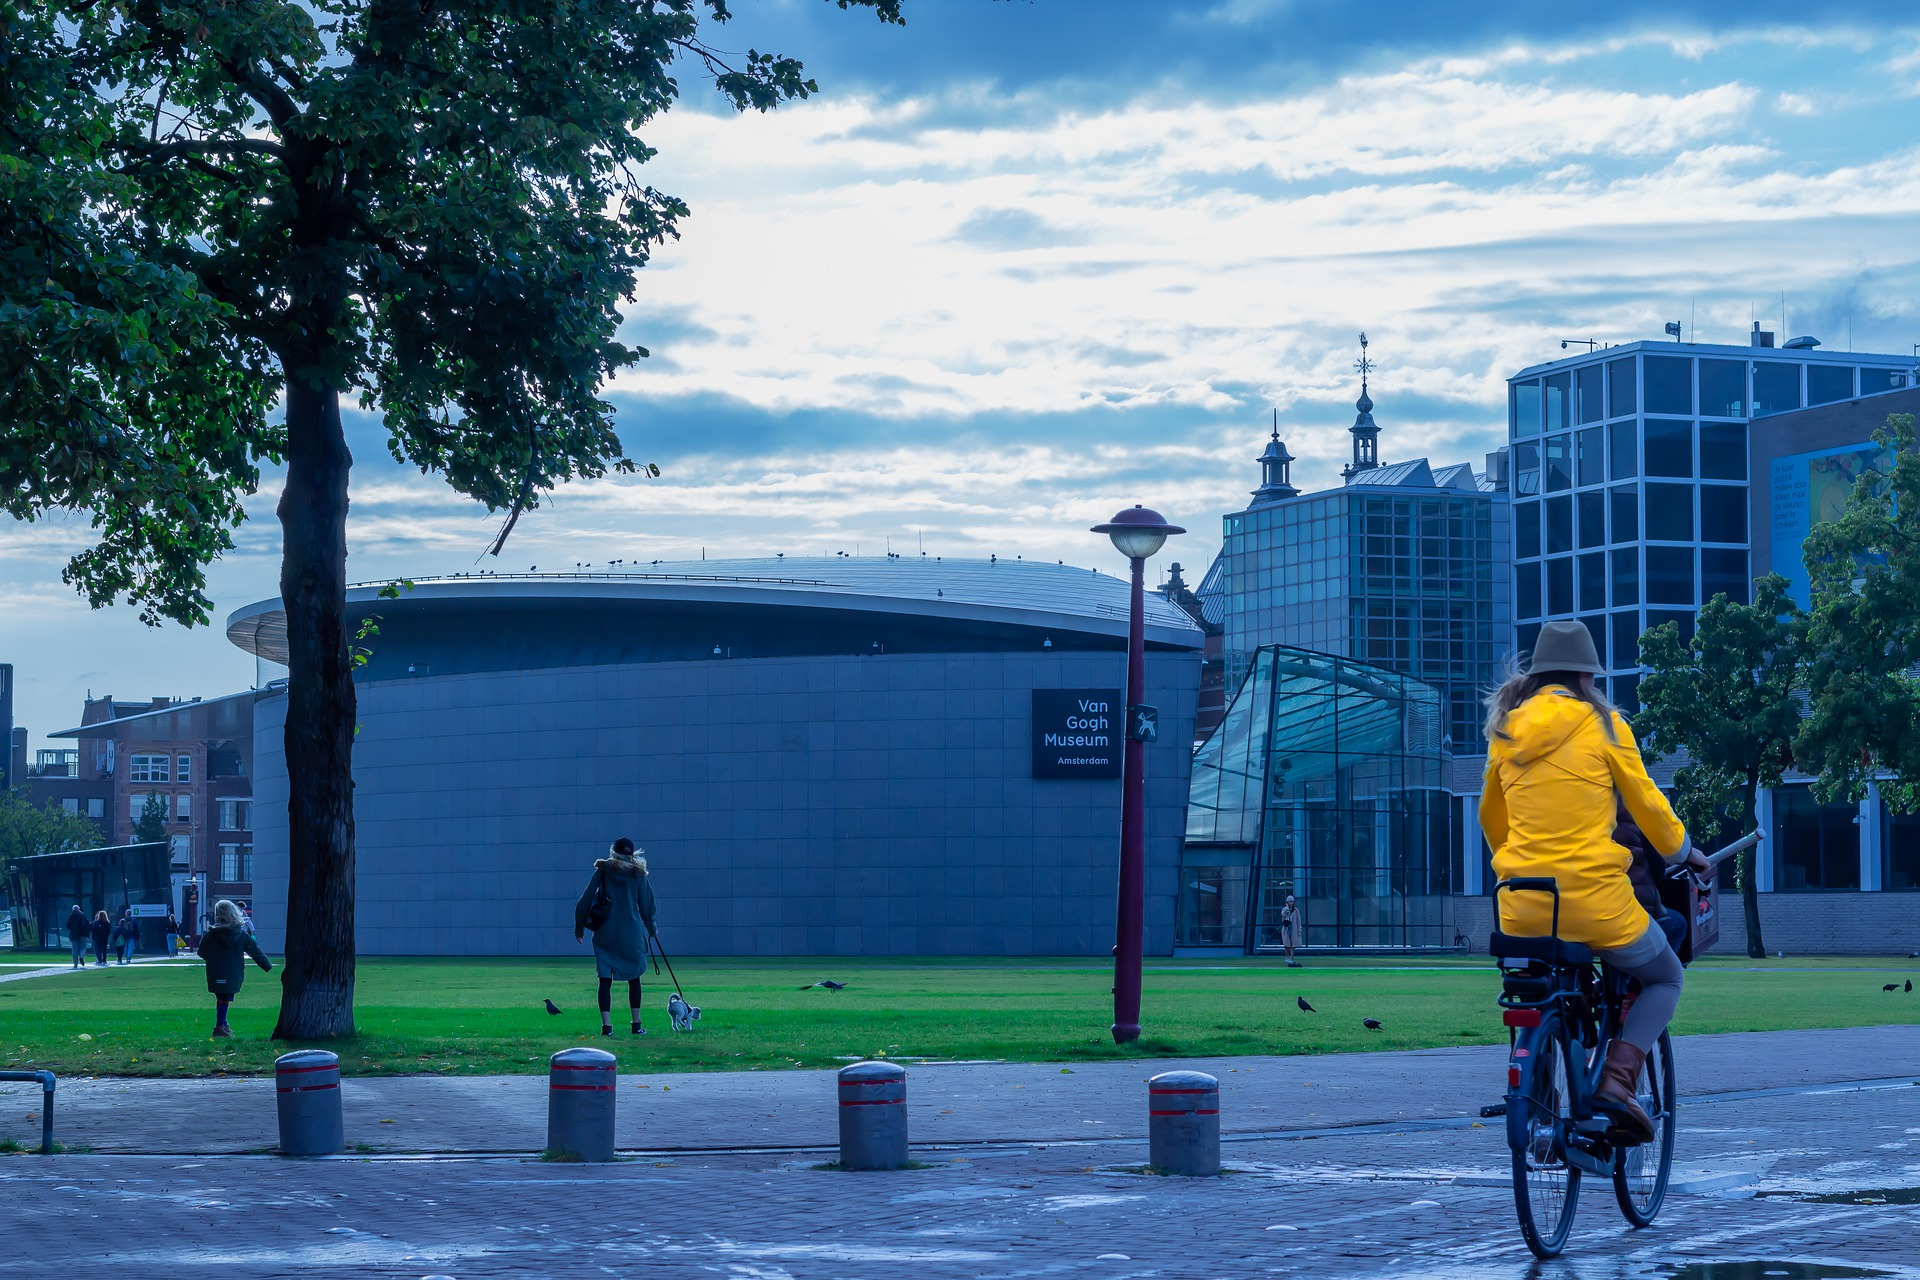 De 5 leukste bezienswaardigheden voor een toerist in Amsterdam